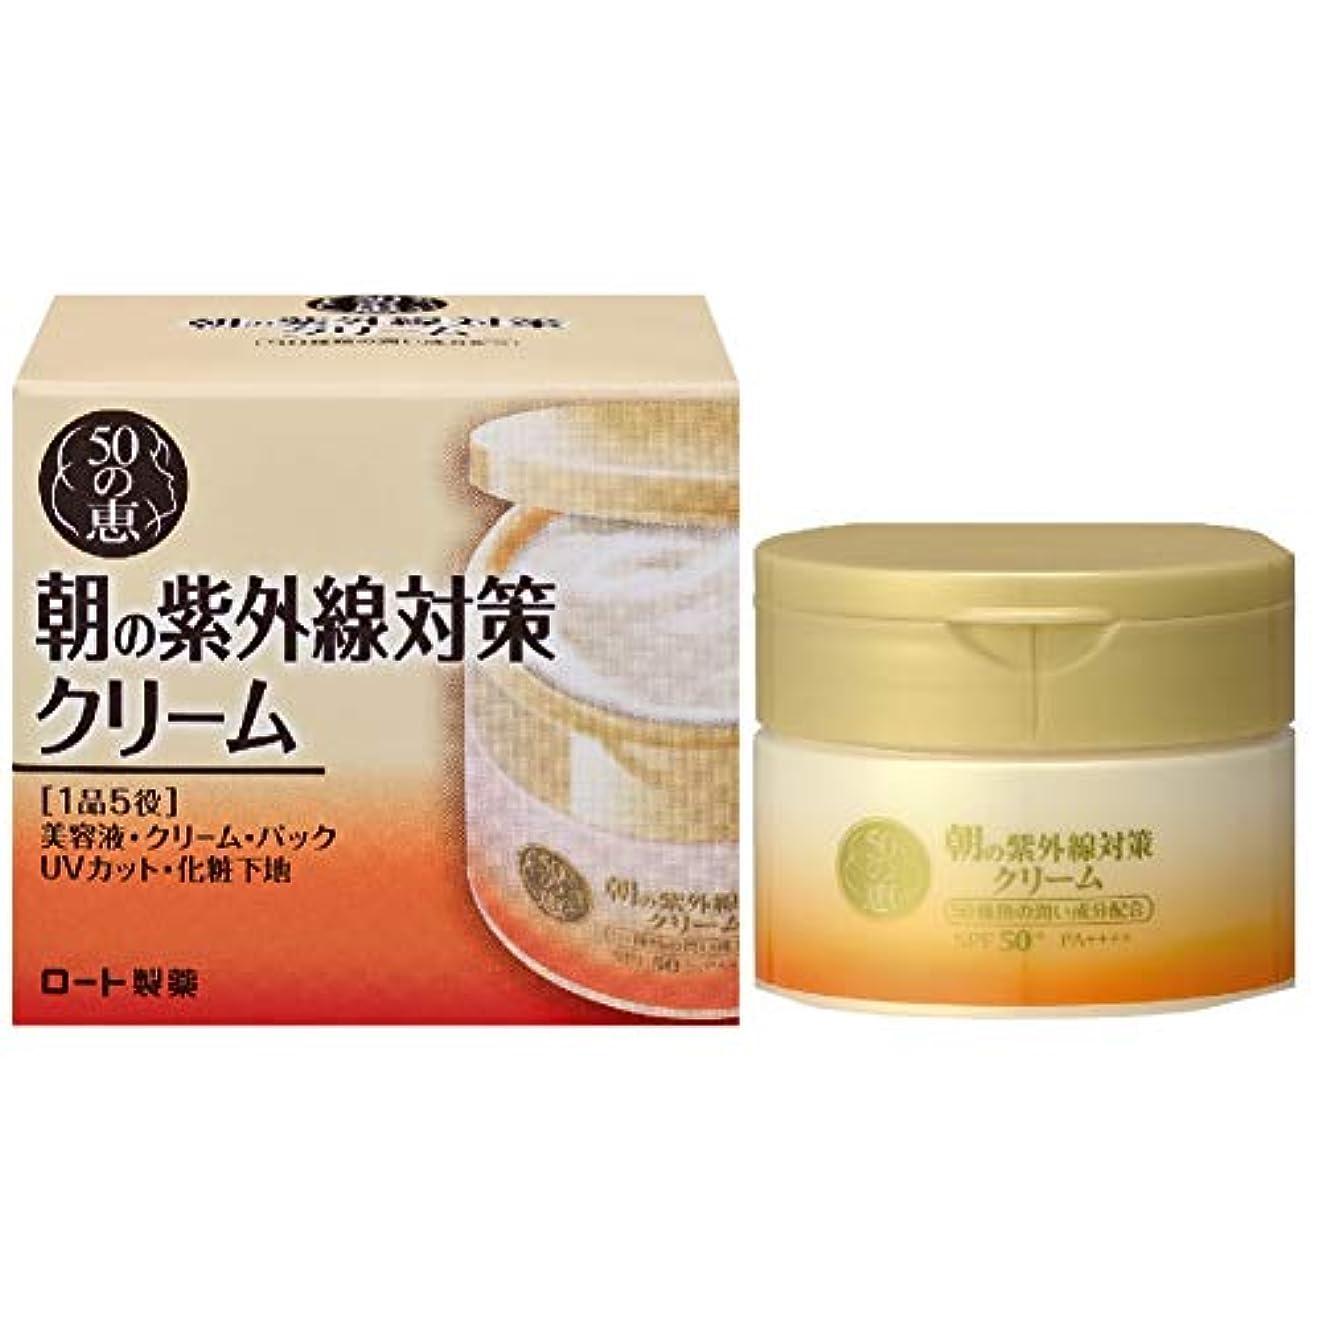 バクテリア破裂ピースロート製薬 50の恵エイジングケア 朝の紫外線対策クリーム 養潤成分50種類配合オールインワン SPF50+ PA++++ 90g